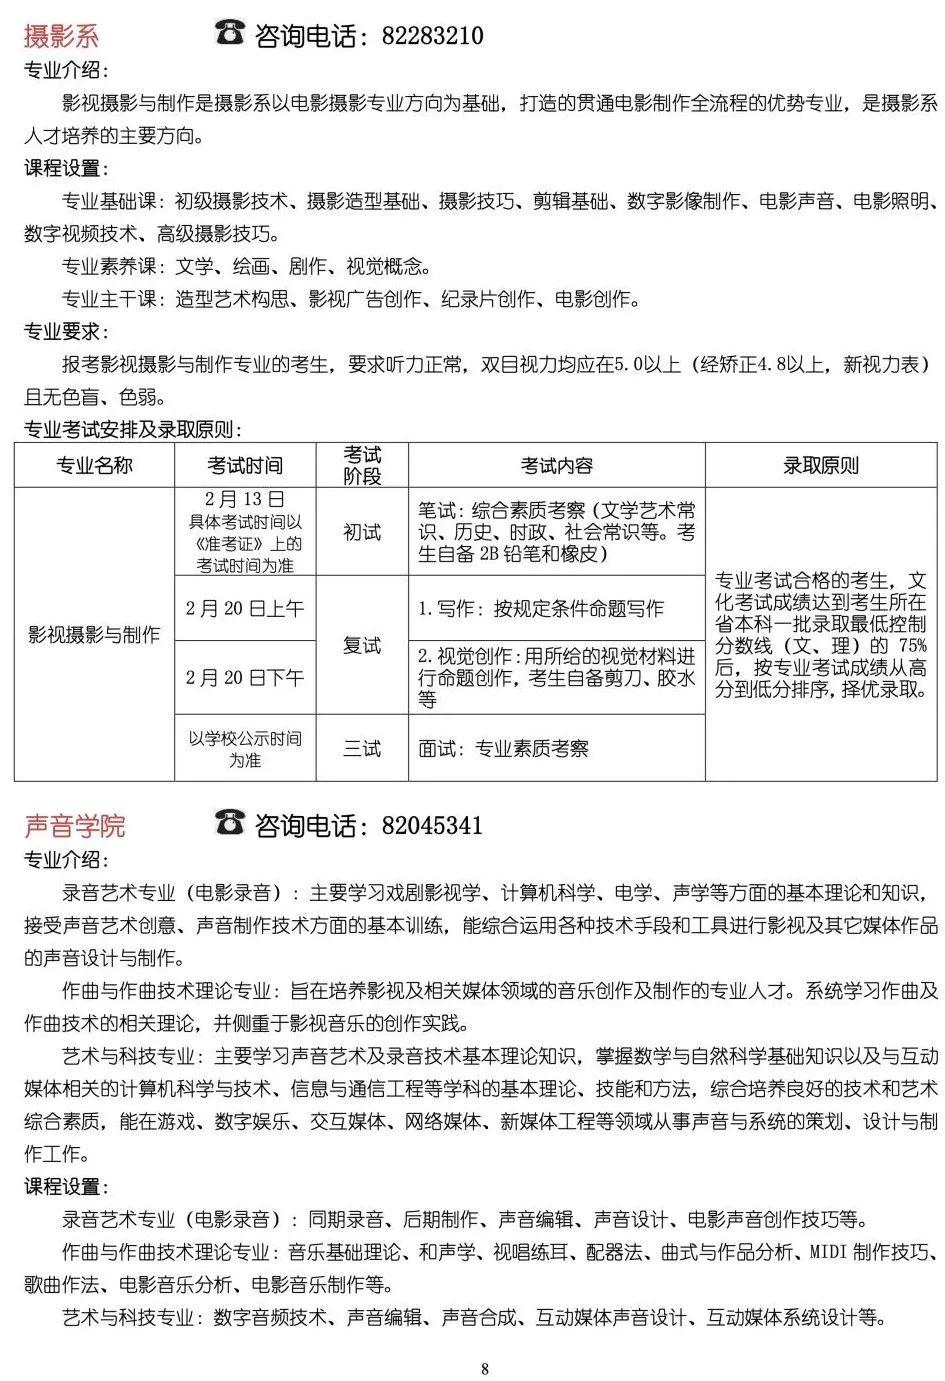 中国传媒大学,北京电影学院,中央戏剧学院,北京巅峰广艺画室       22